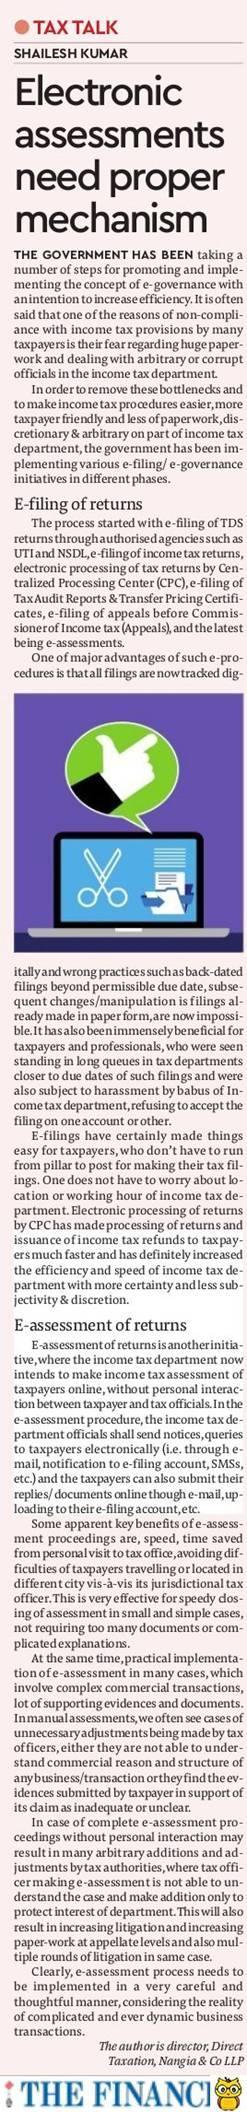 E-assessments need proper mechanism - Shailesh Kumar